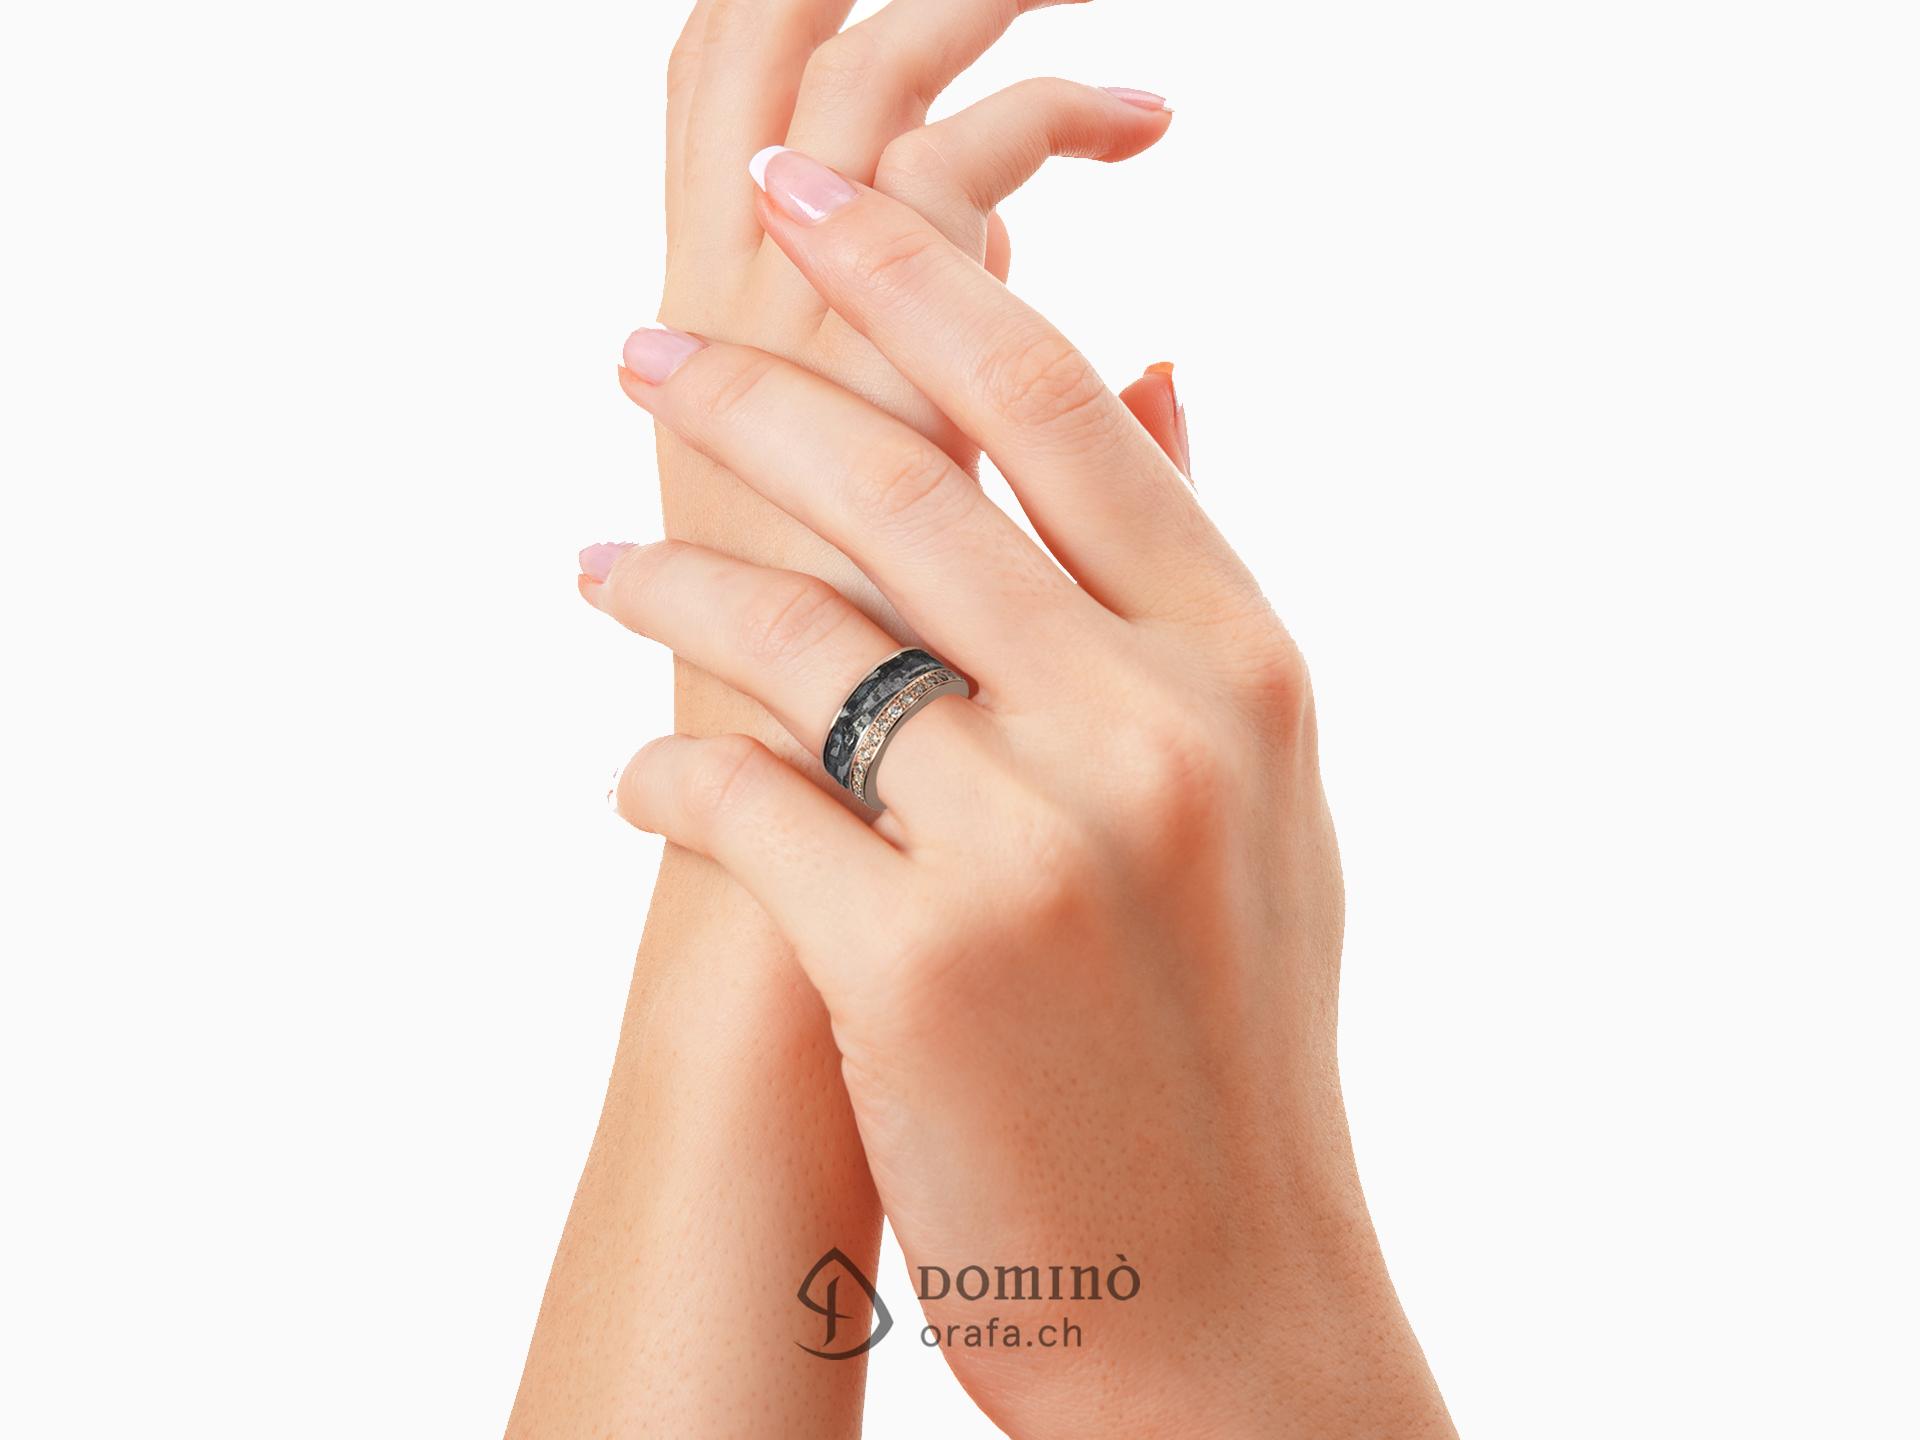 anello-ferro-metallo-prezioso-diamanti-incolore-sfumati-brown-2